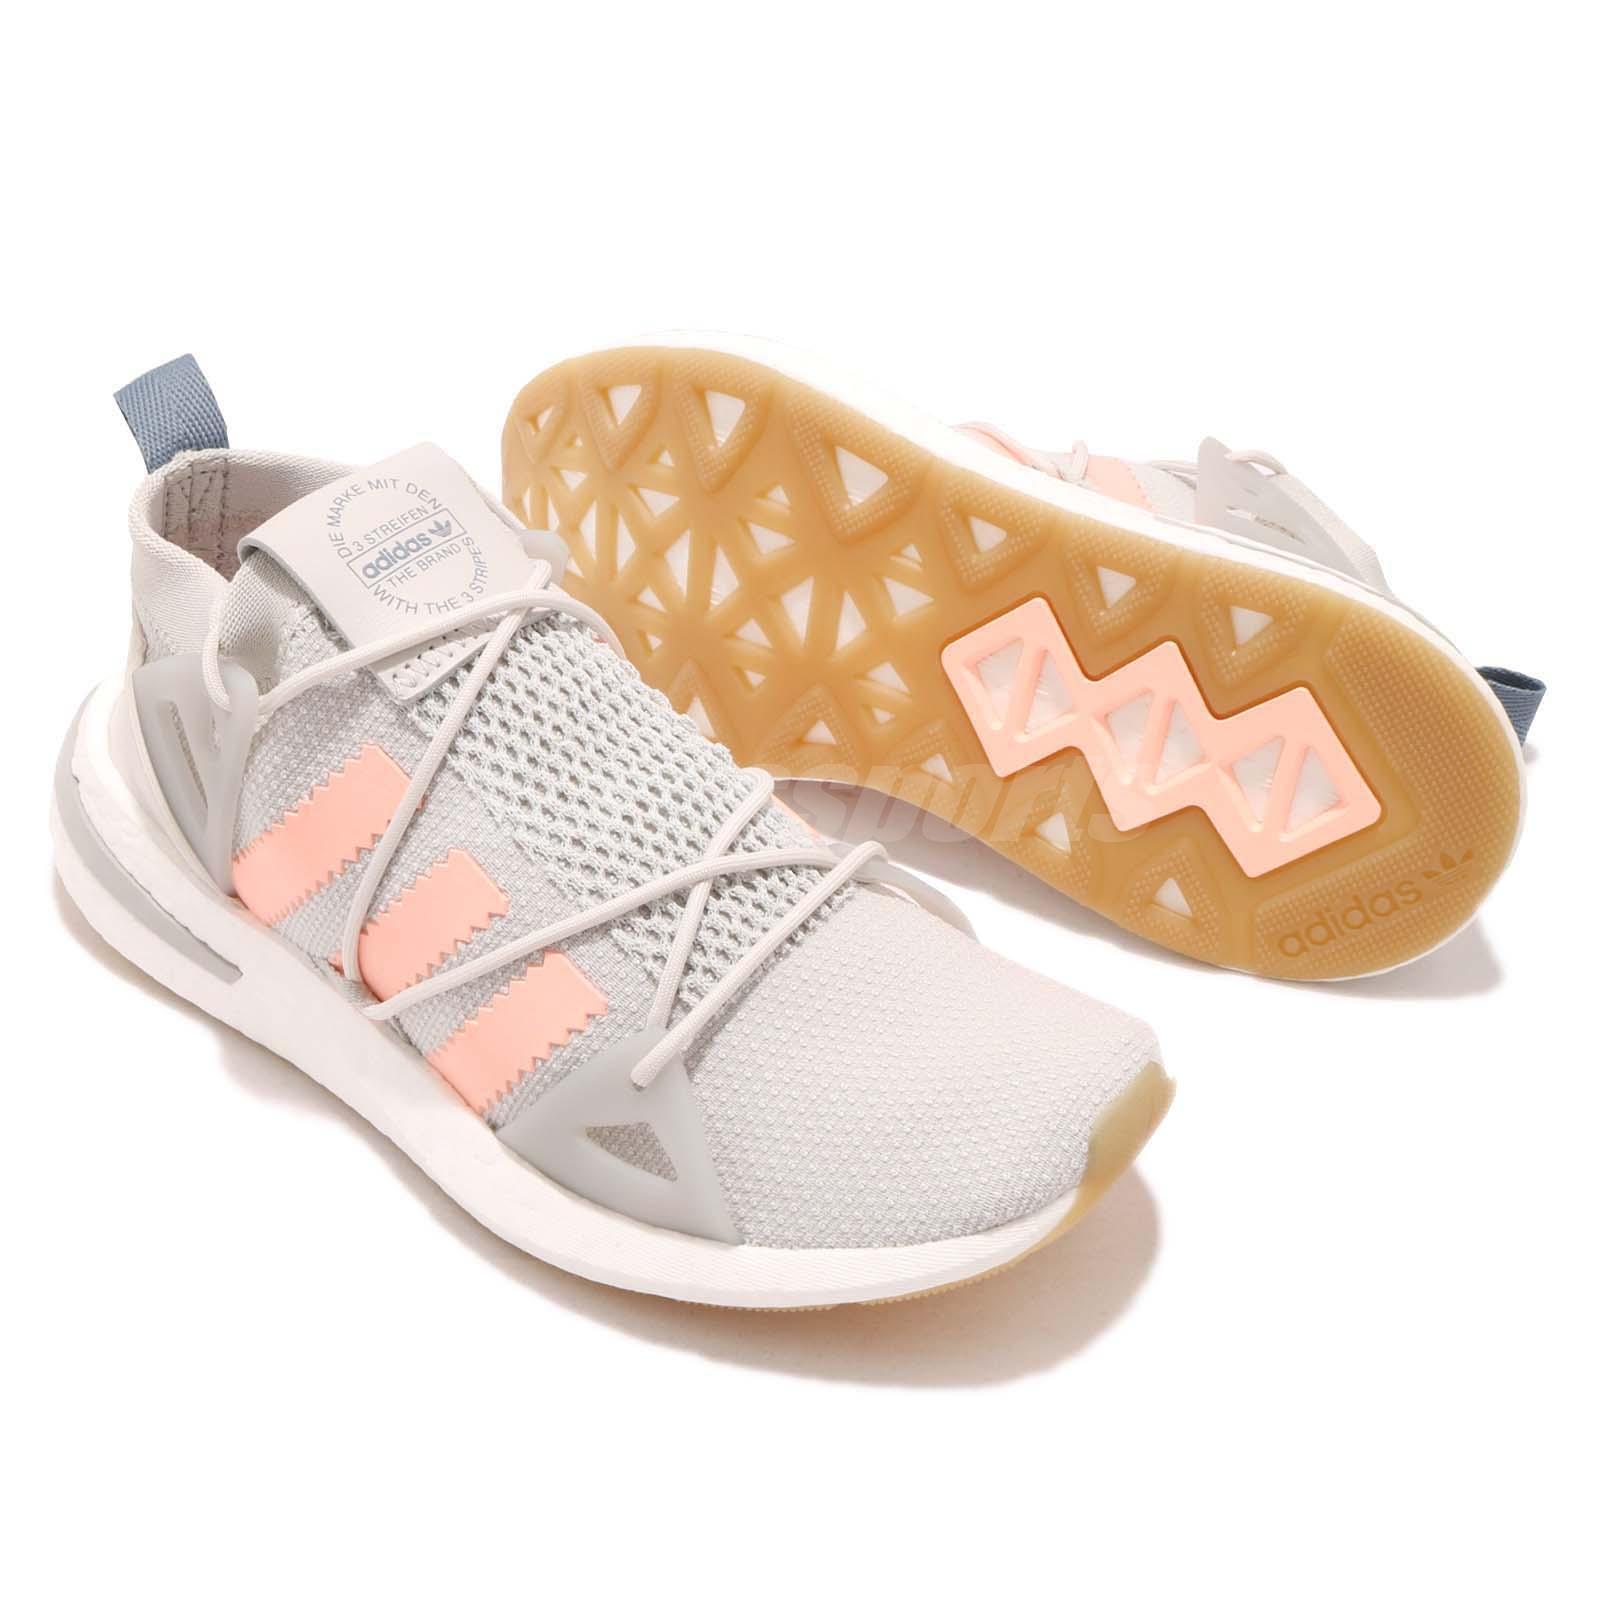 newest 9cc5d 0553c adidas Originals ARKYN W Grey Orange BOOST Sock-like Women Running ...